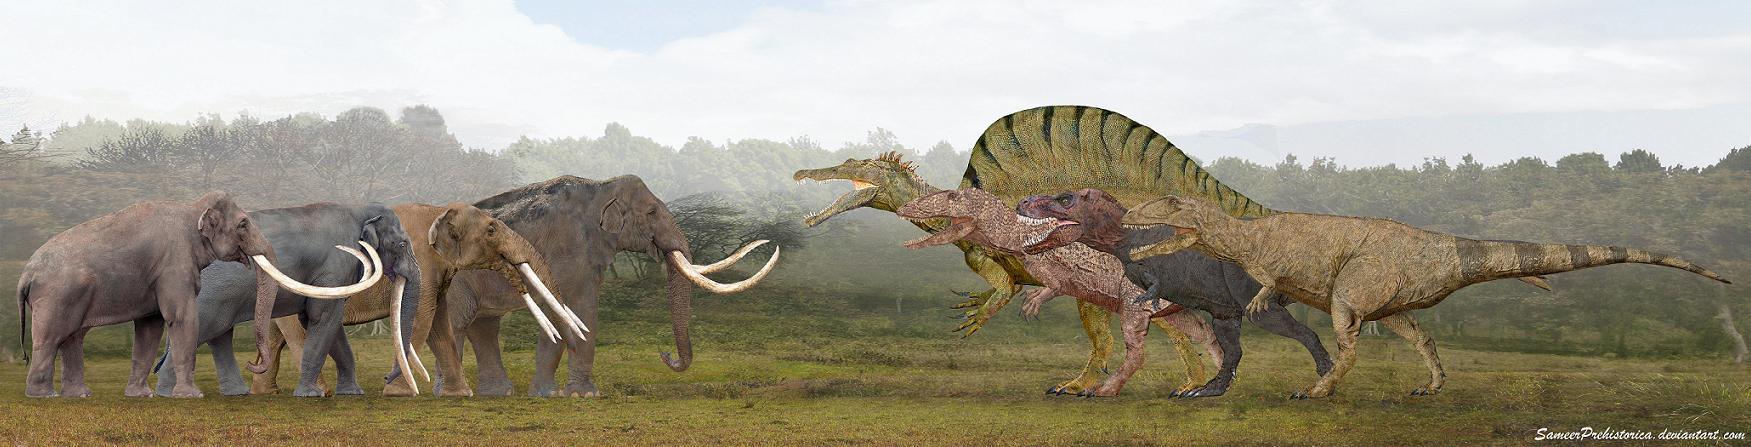 Deinosuchus Vs Spinosaurus | www.pixshark.com - Images ...